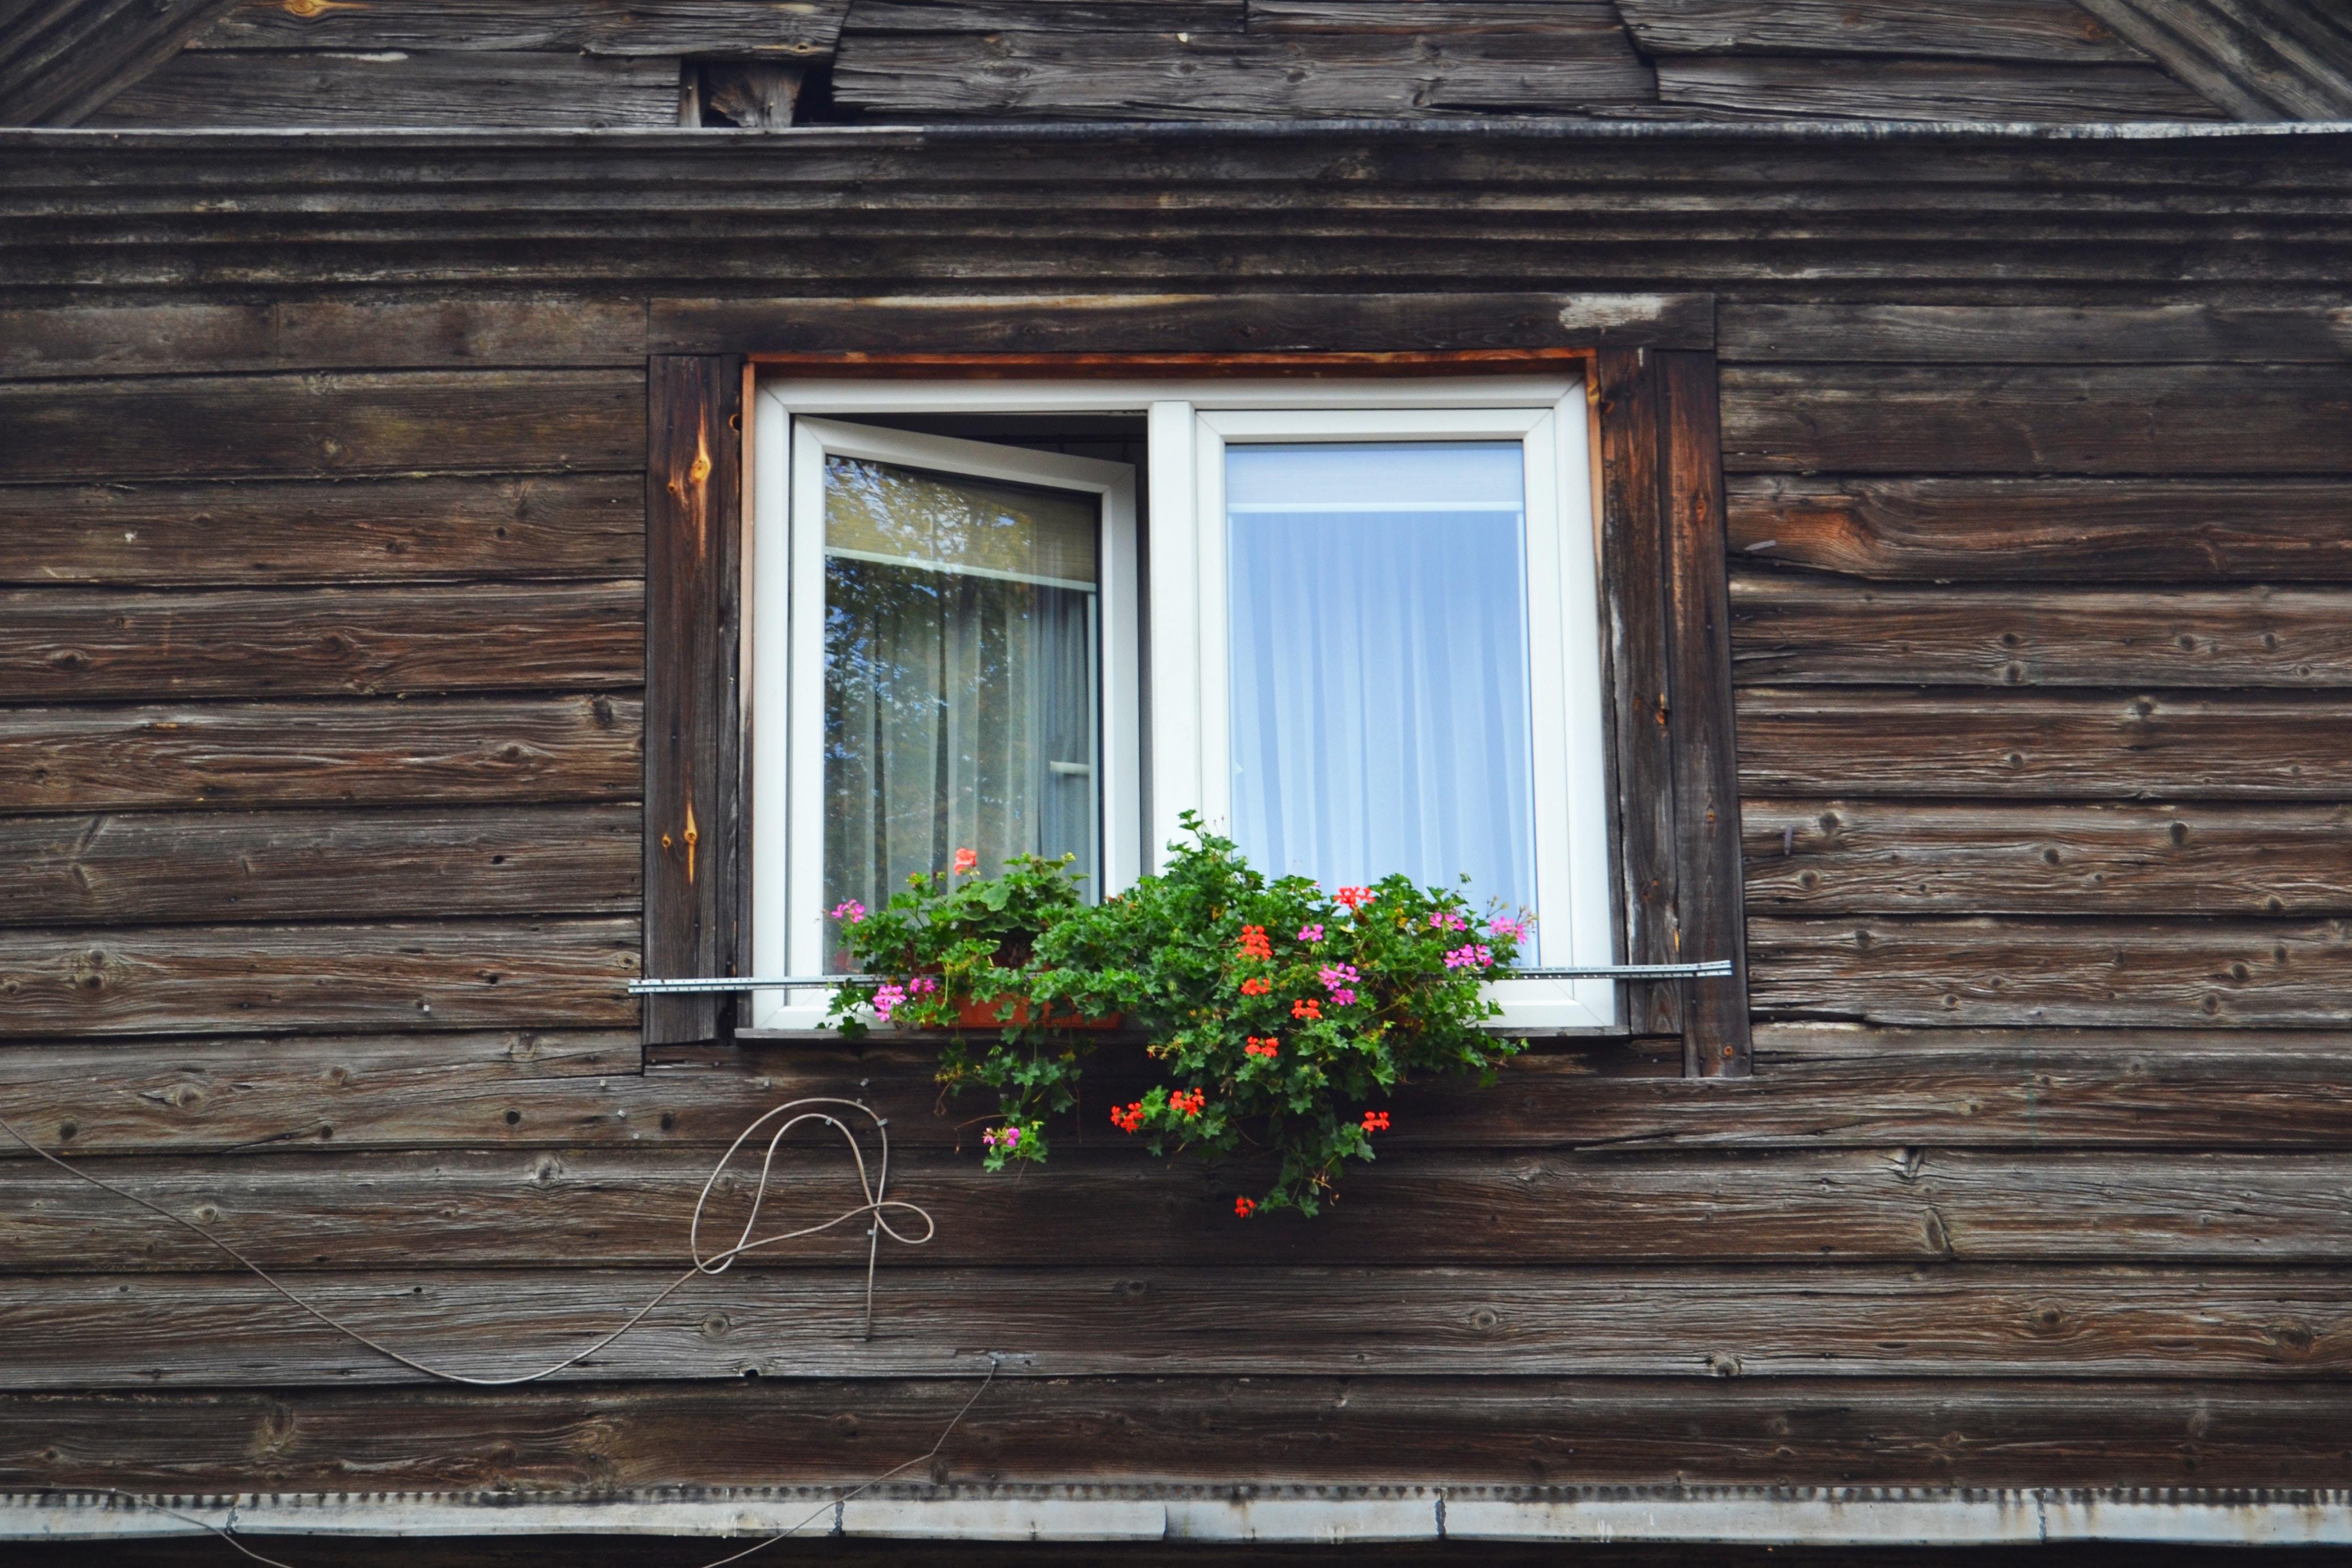 RĪGAS LOGI nodrošina dažāda izmēra logus dažādām mājām